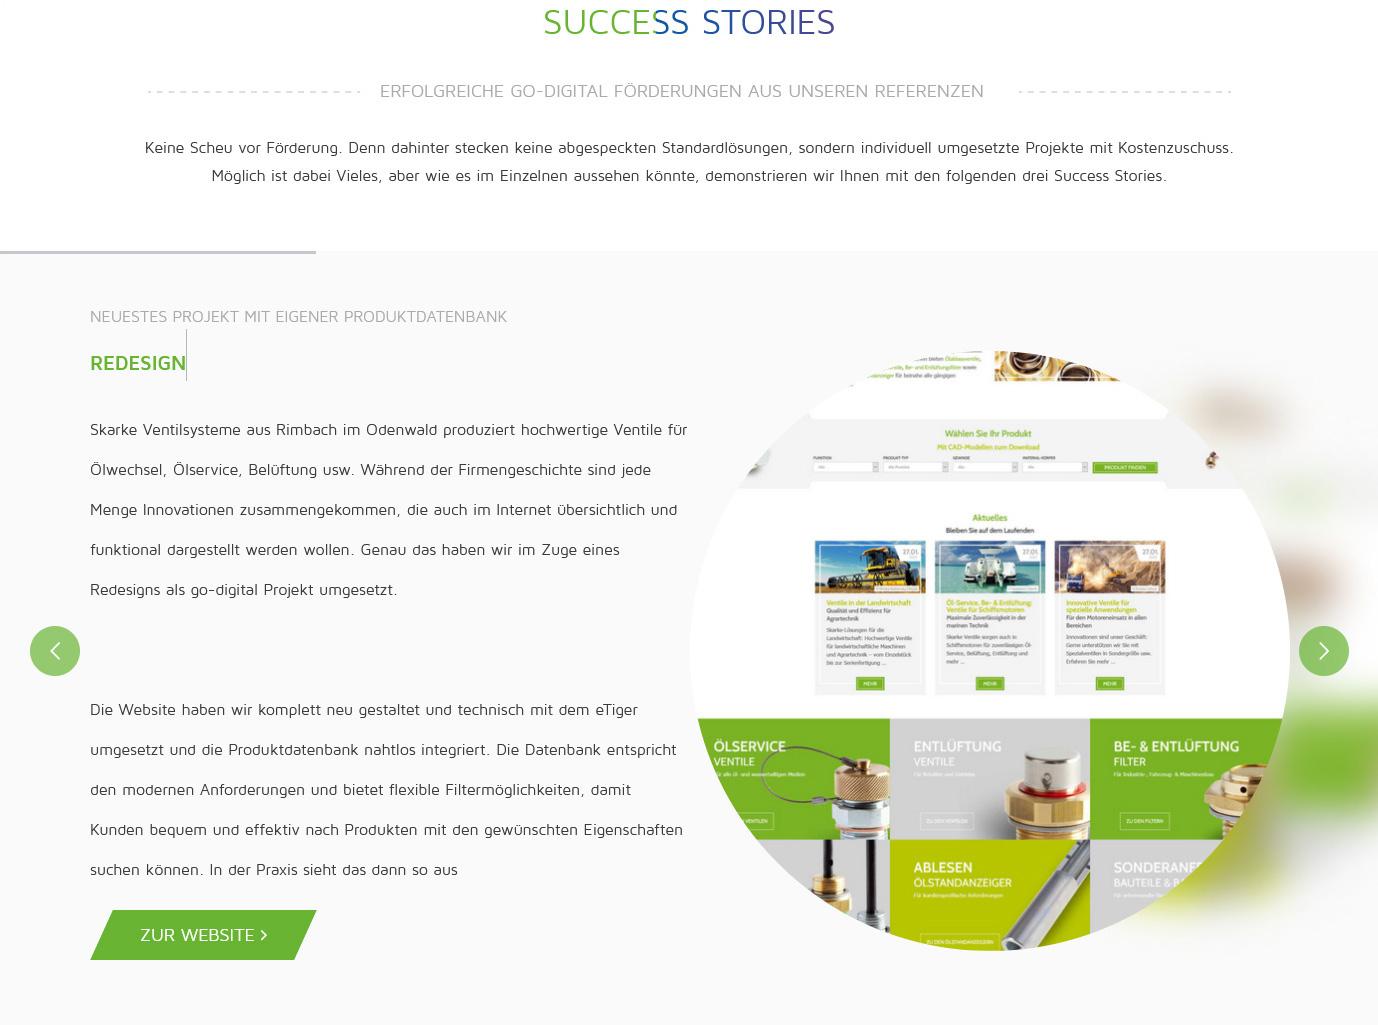 Darstellung von Success Stories